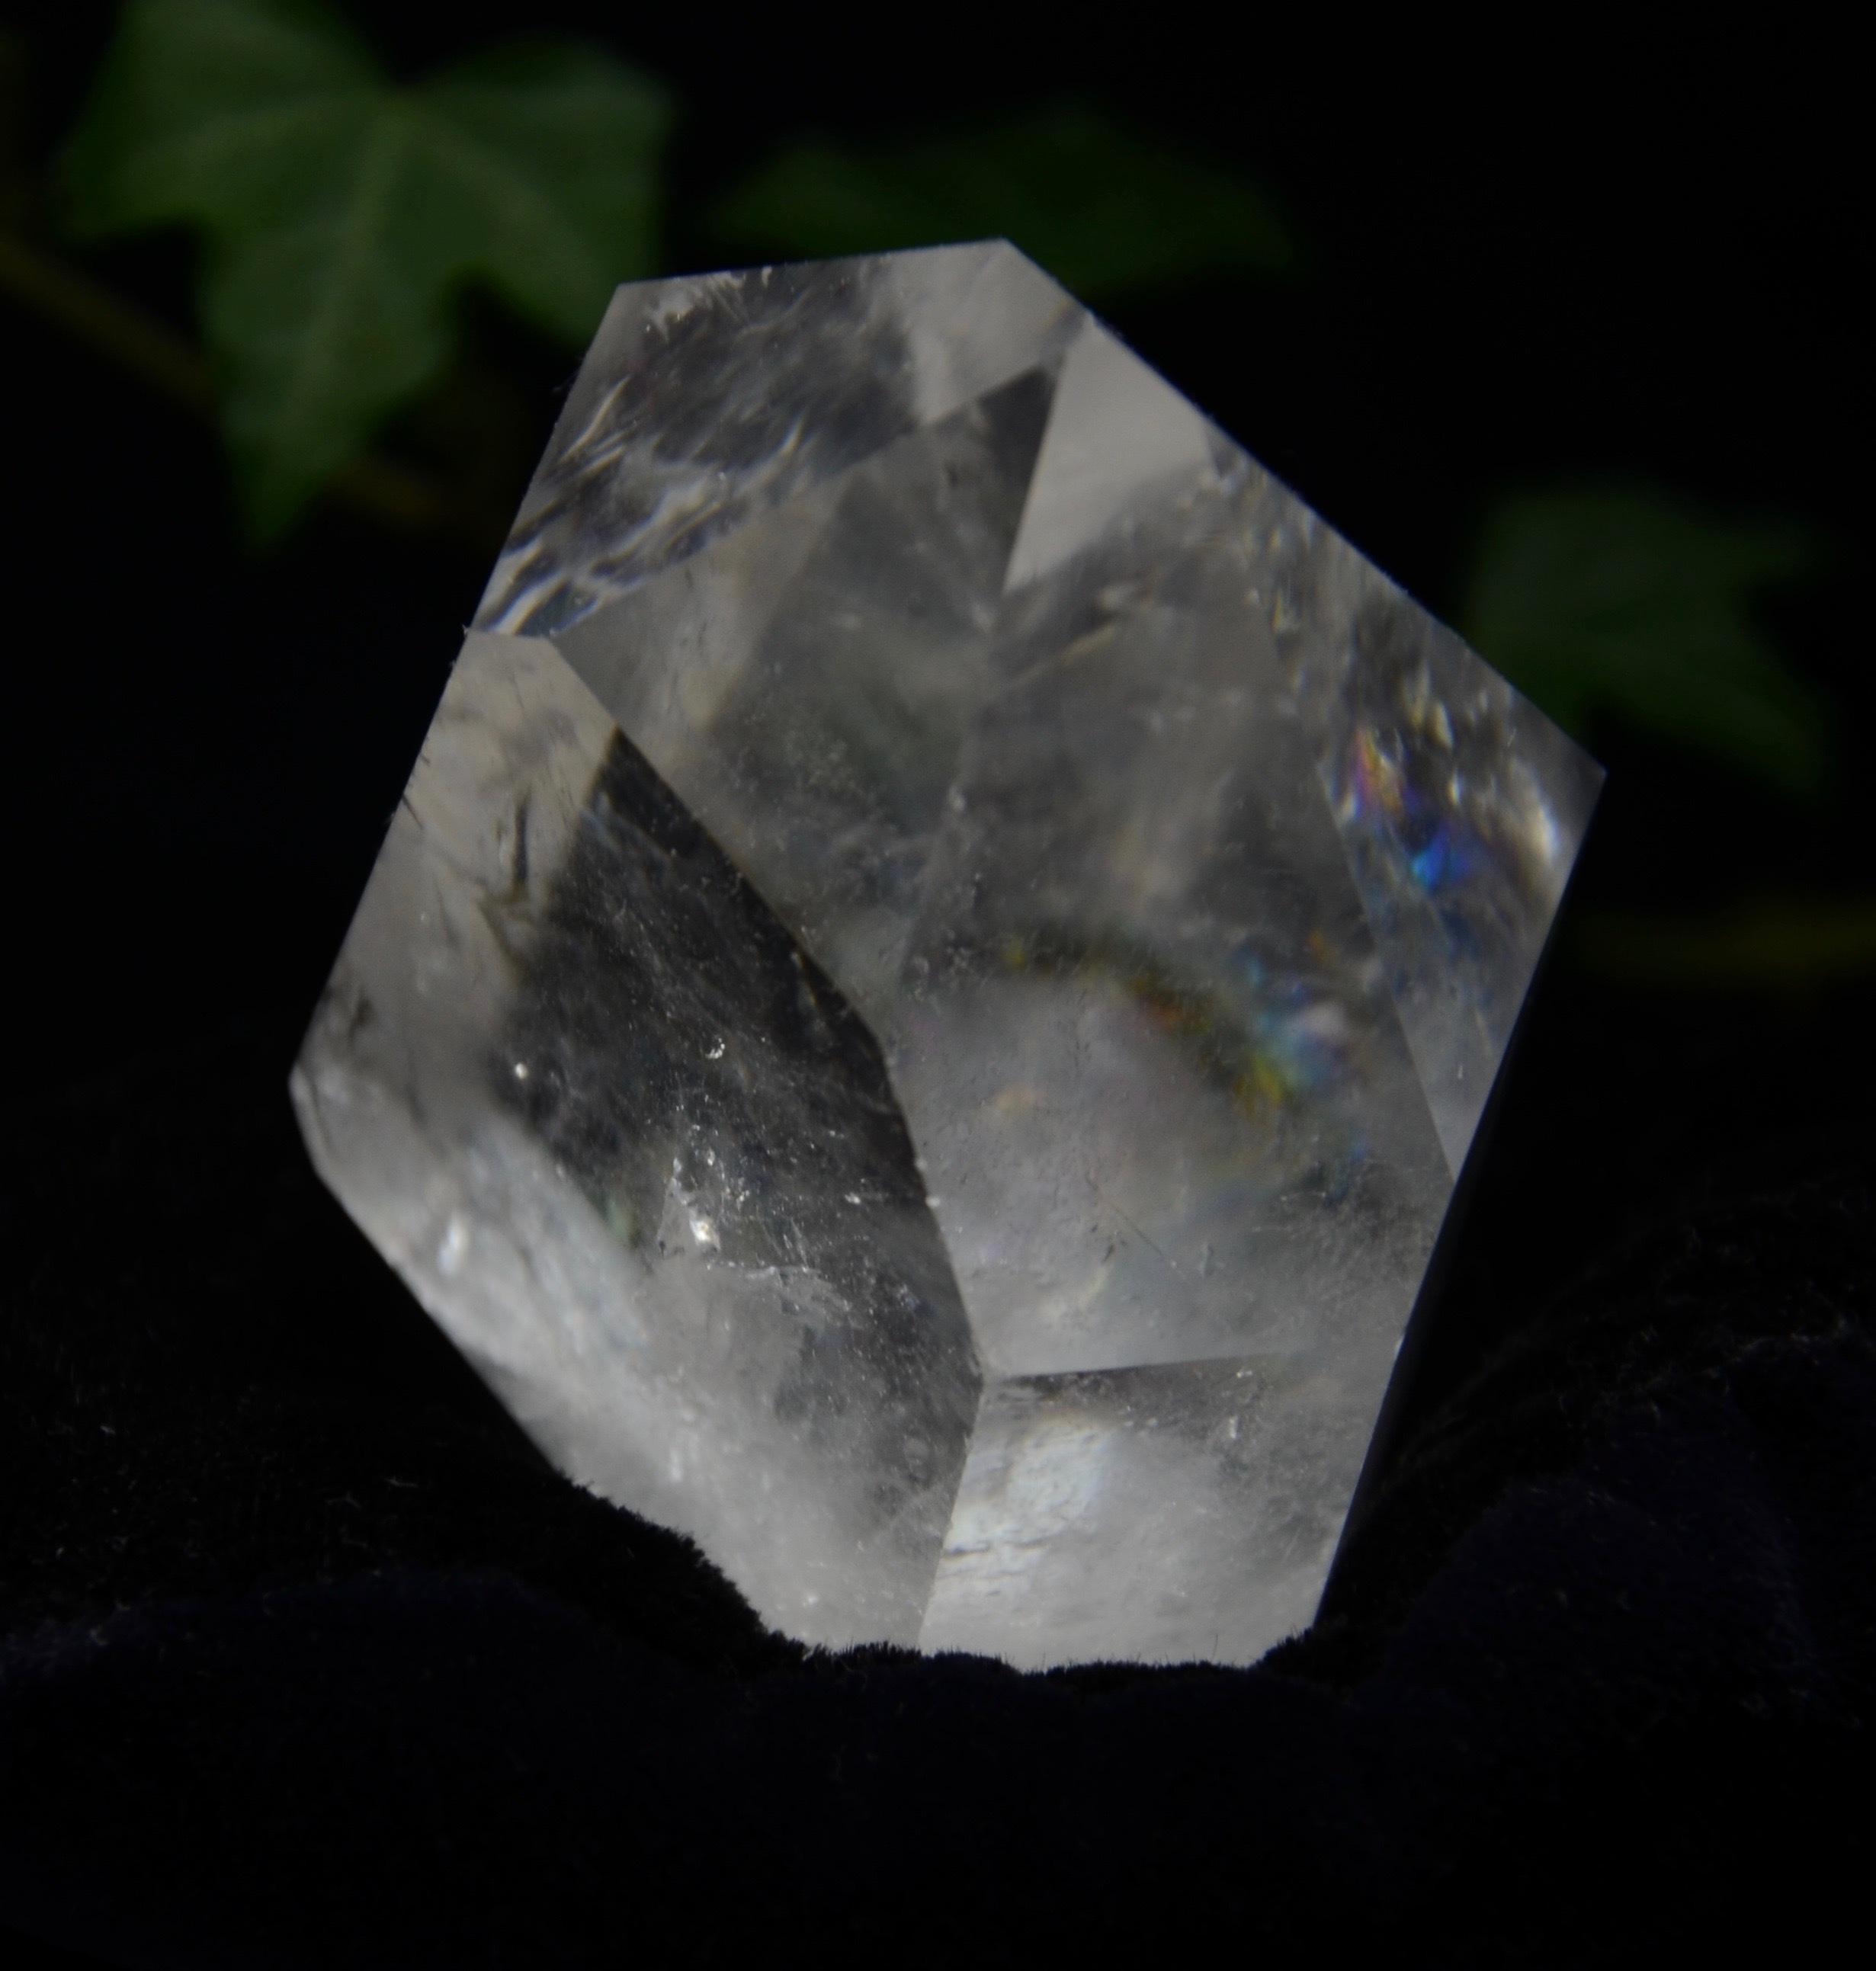 CASAクリスタルポイント チャネリング水晶 レインボウ 189g a0069